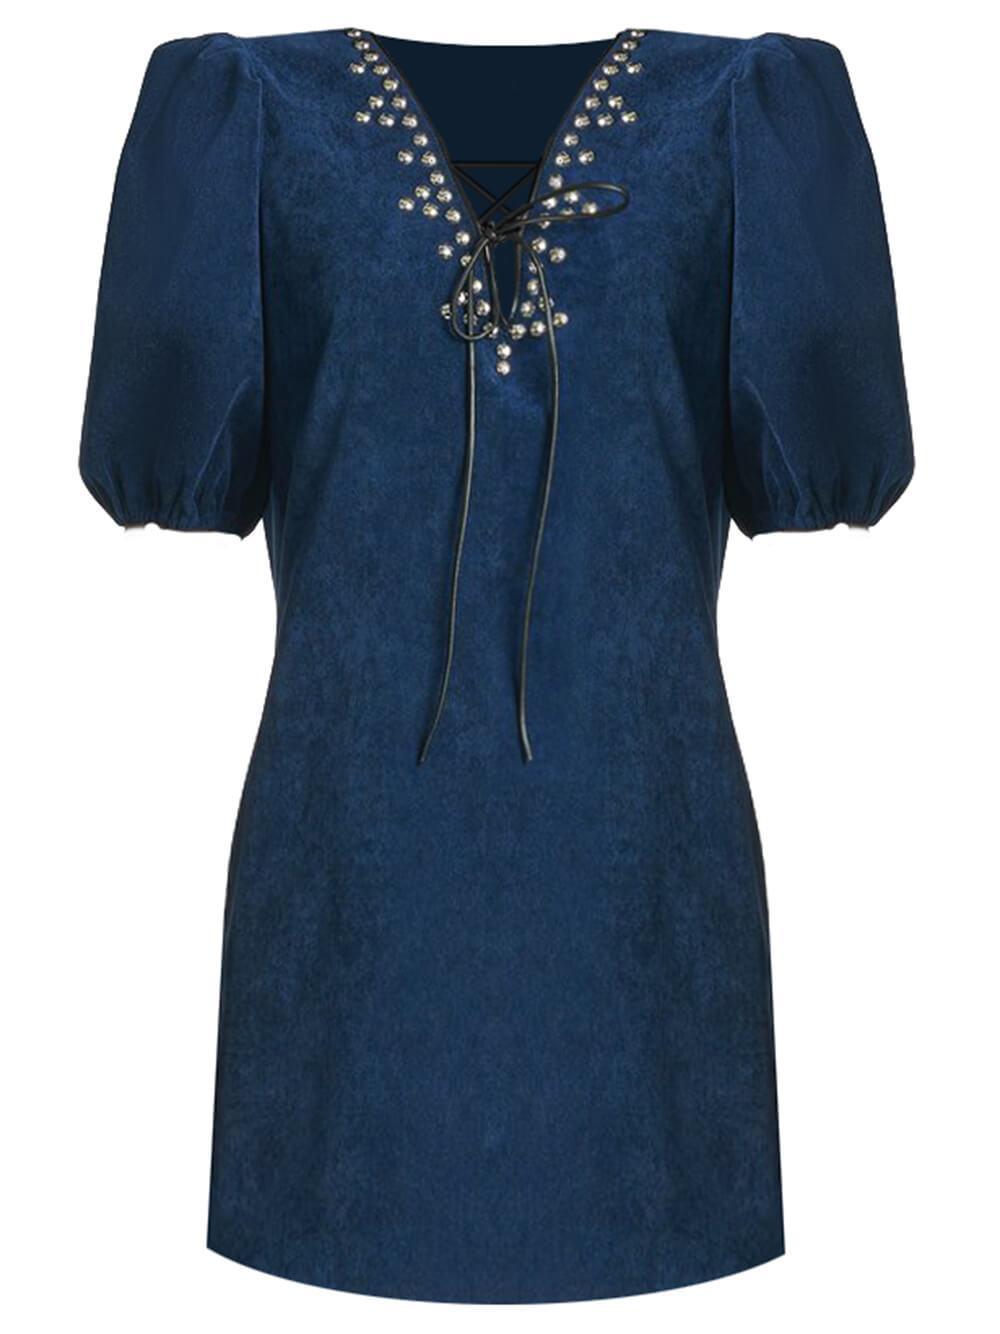 Tripp Dress Item # F212D12-410